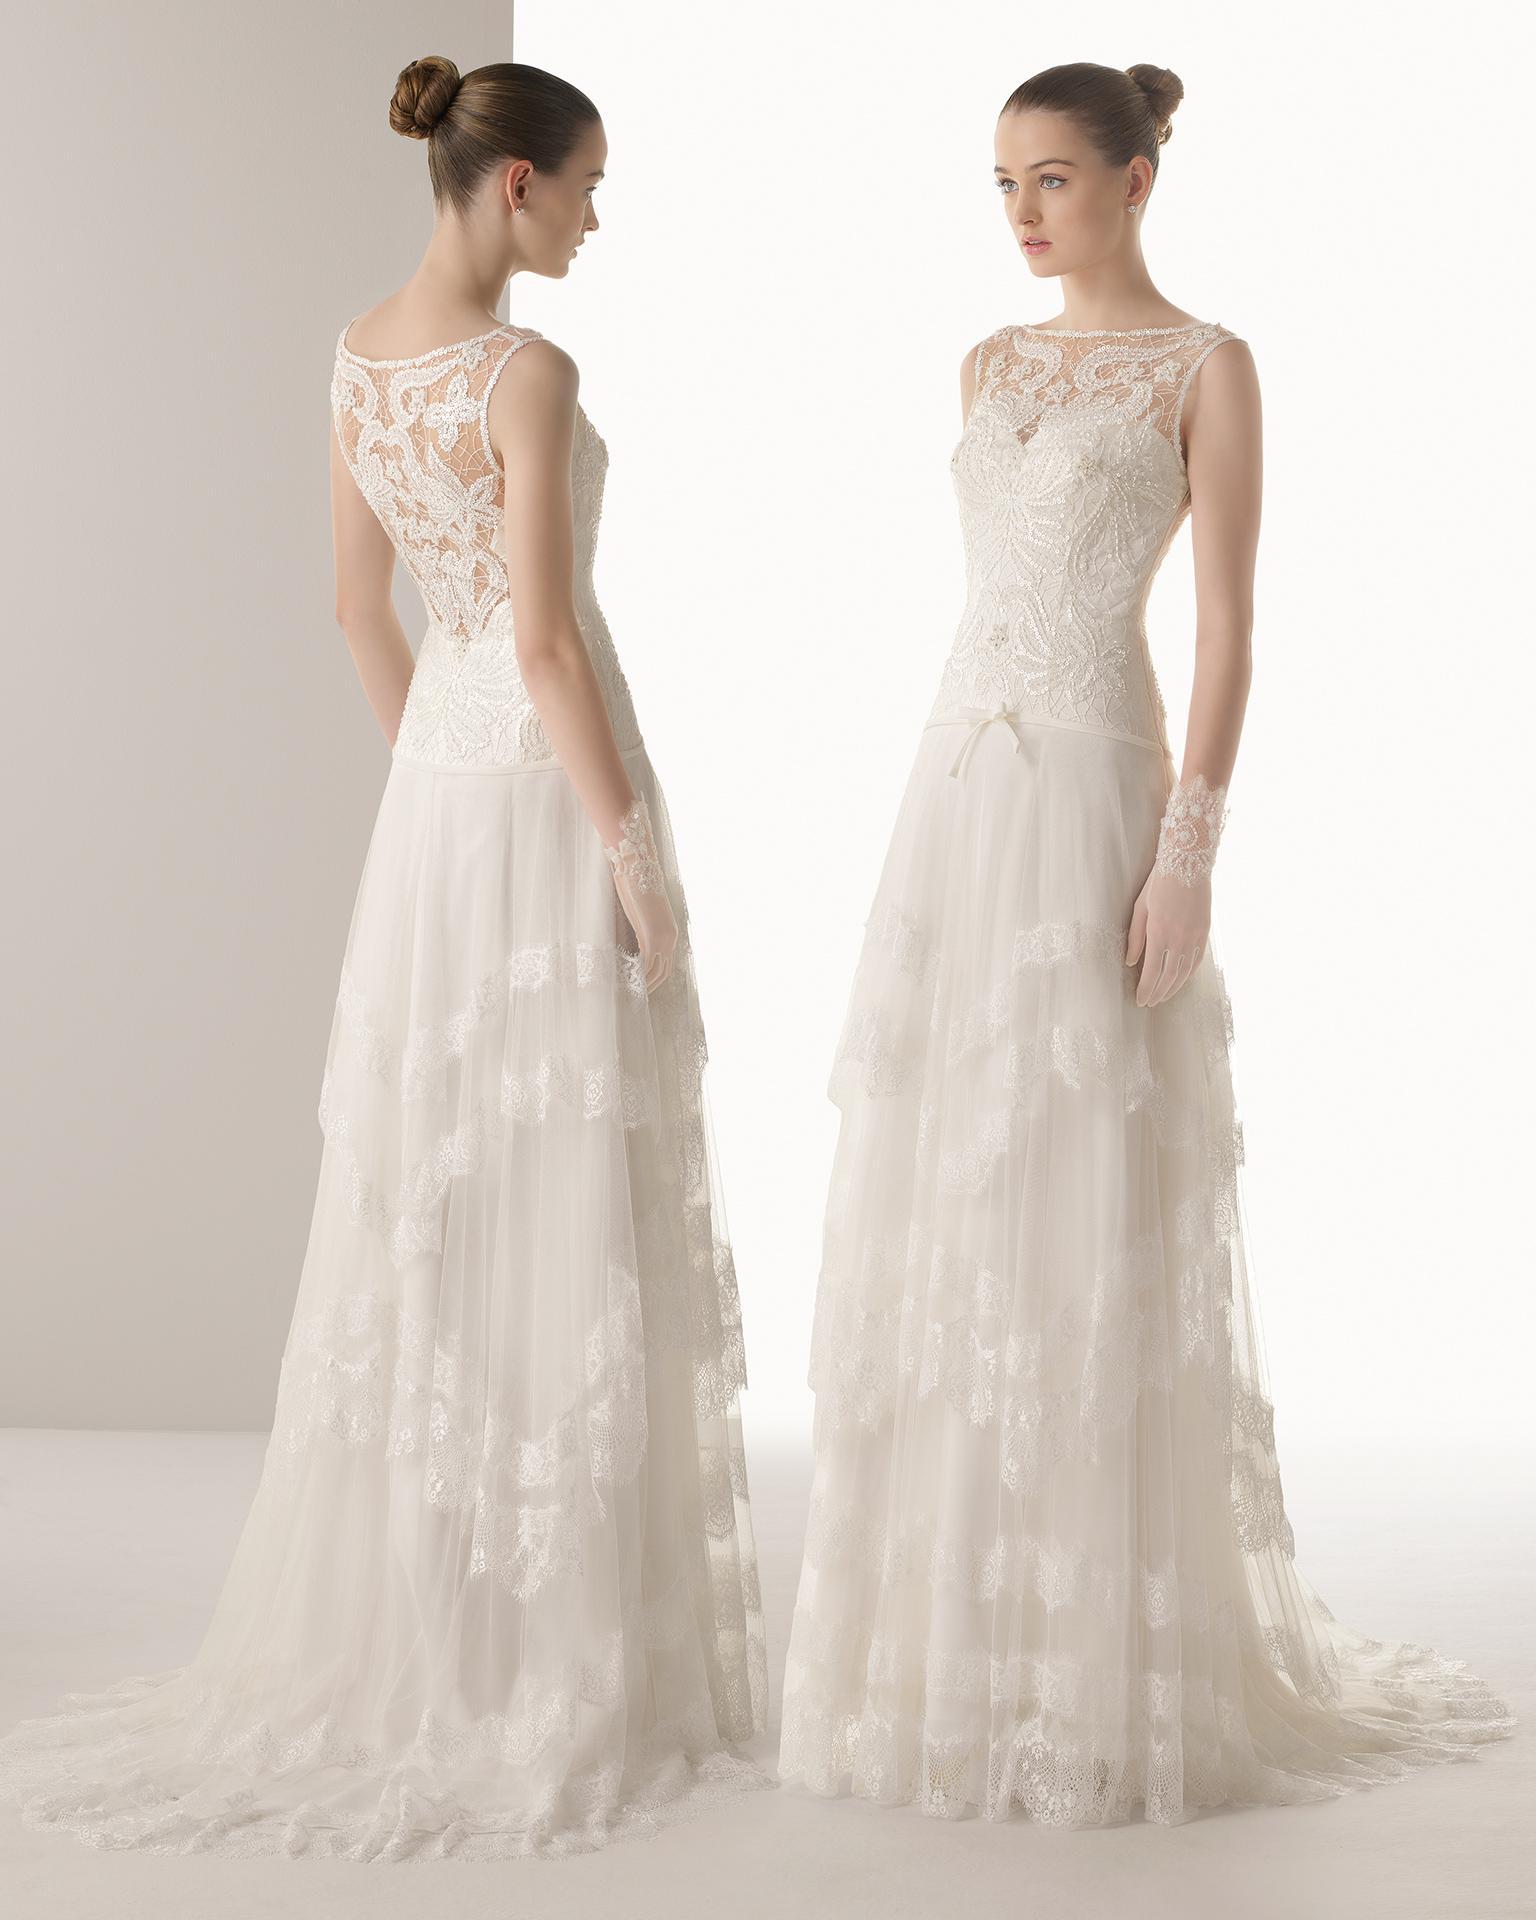 Famous Wedding Dresses Designer List Cheap Party Dresses